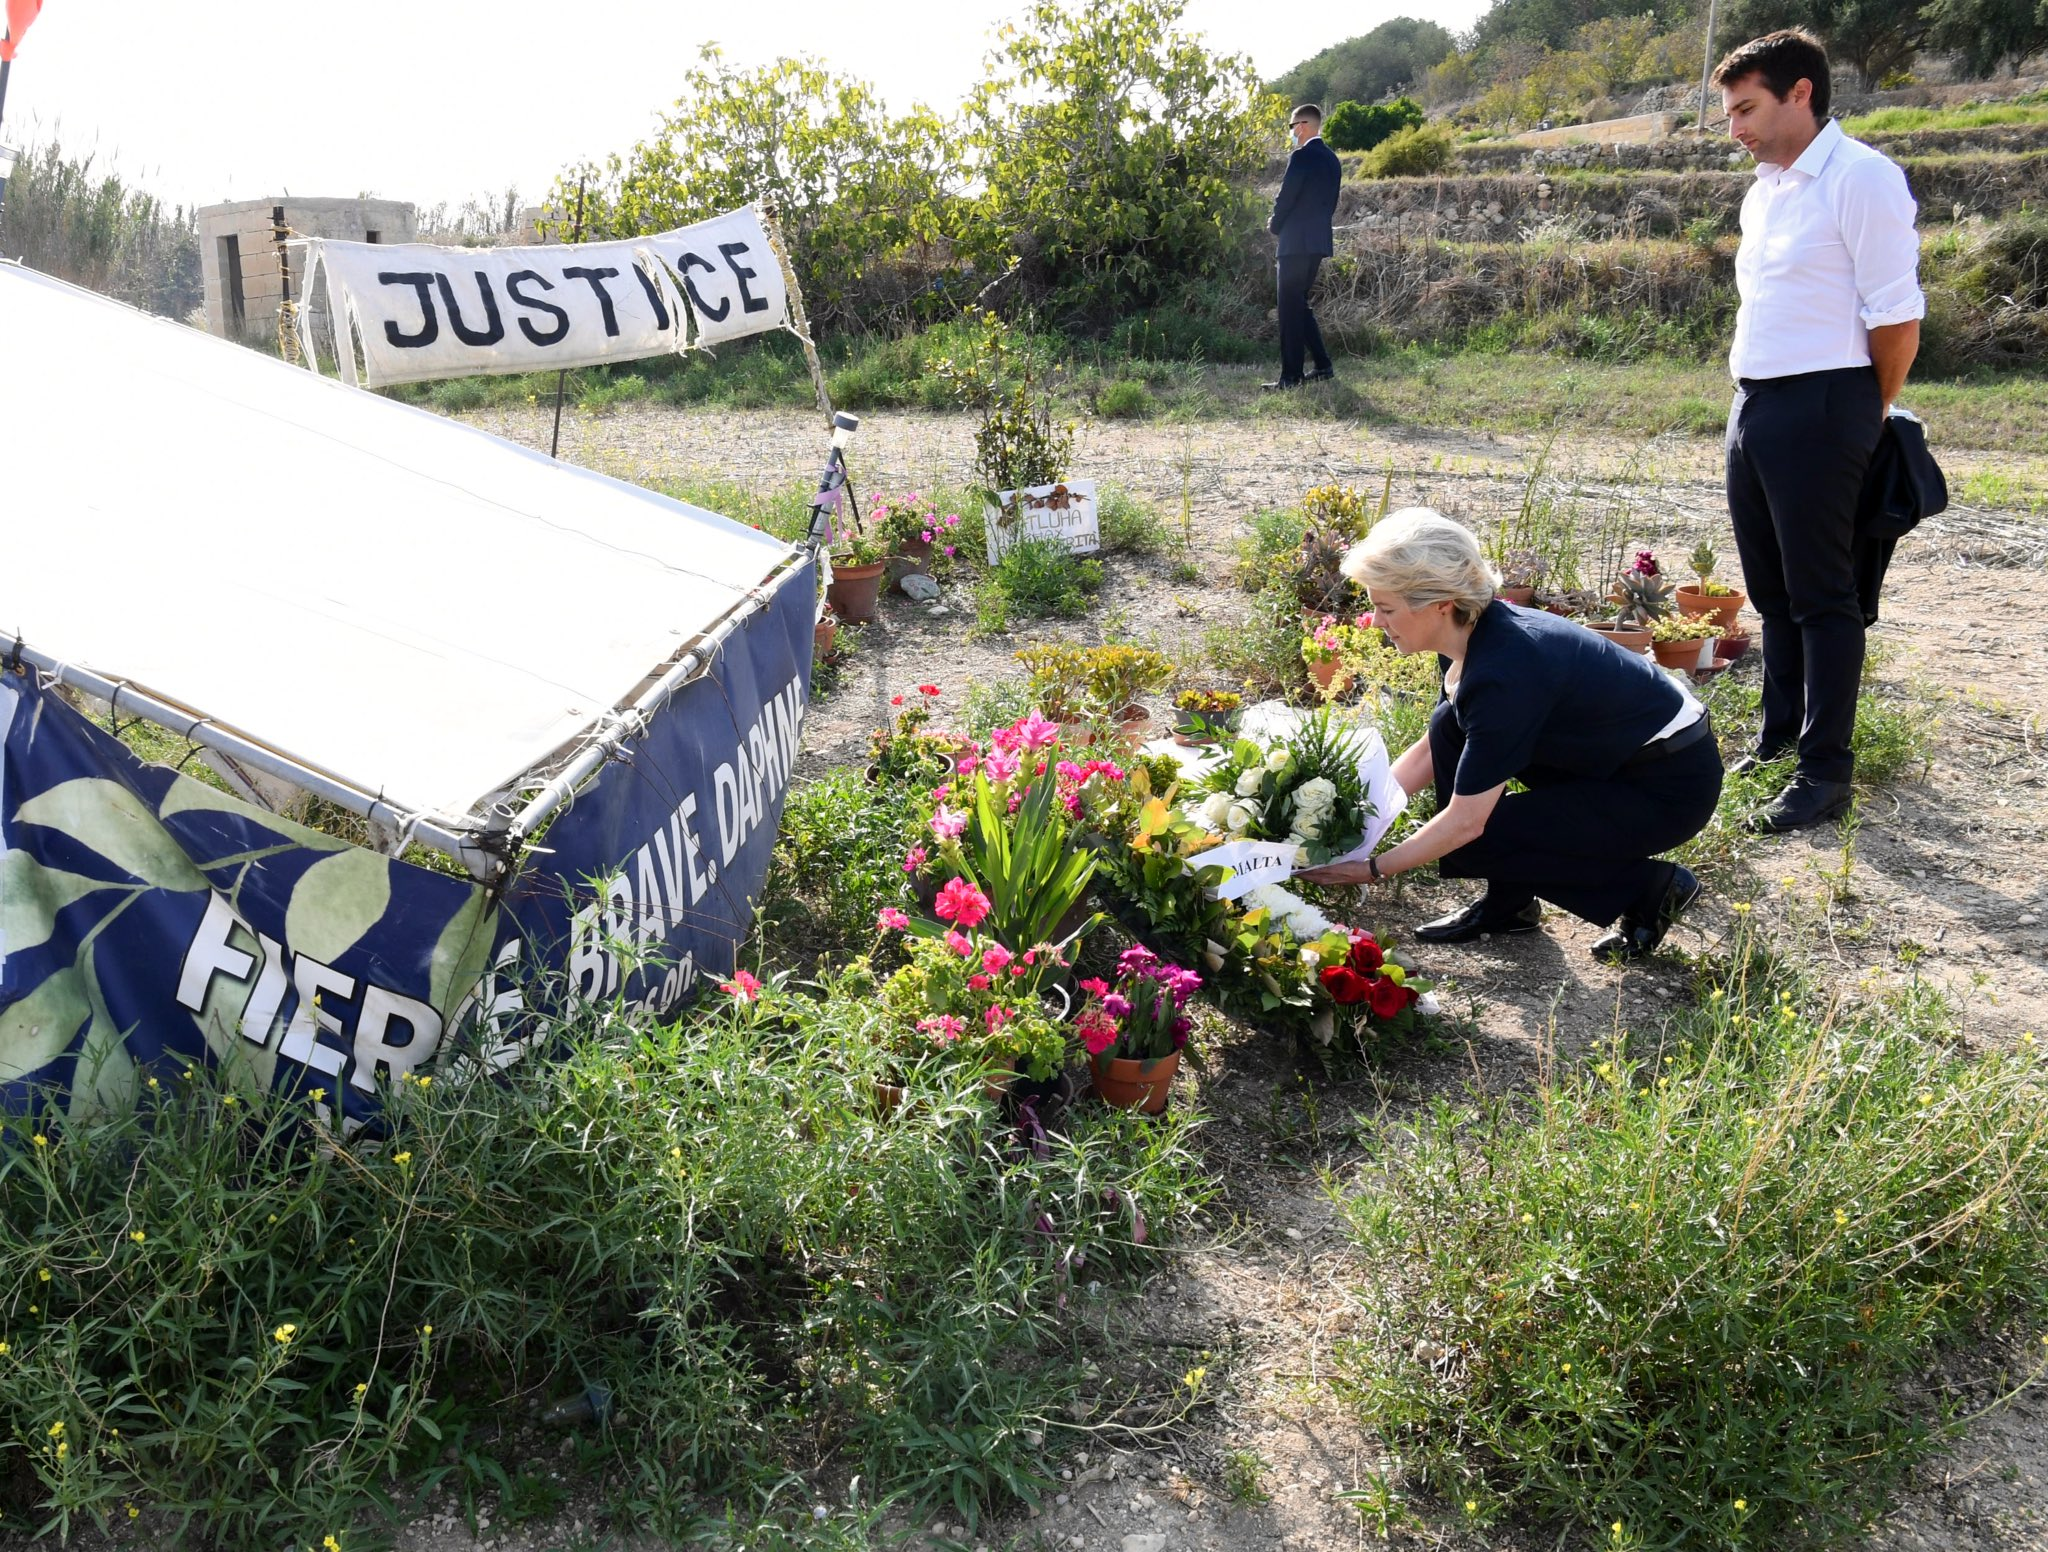 Von der Leyen visits Caruana Galizia murder site